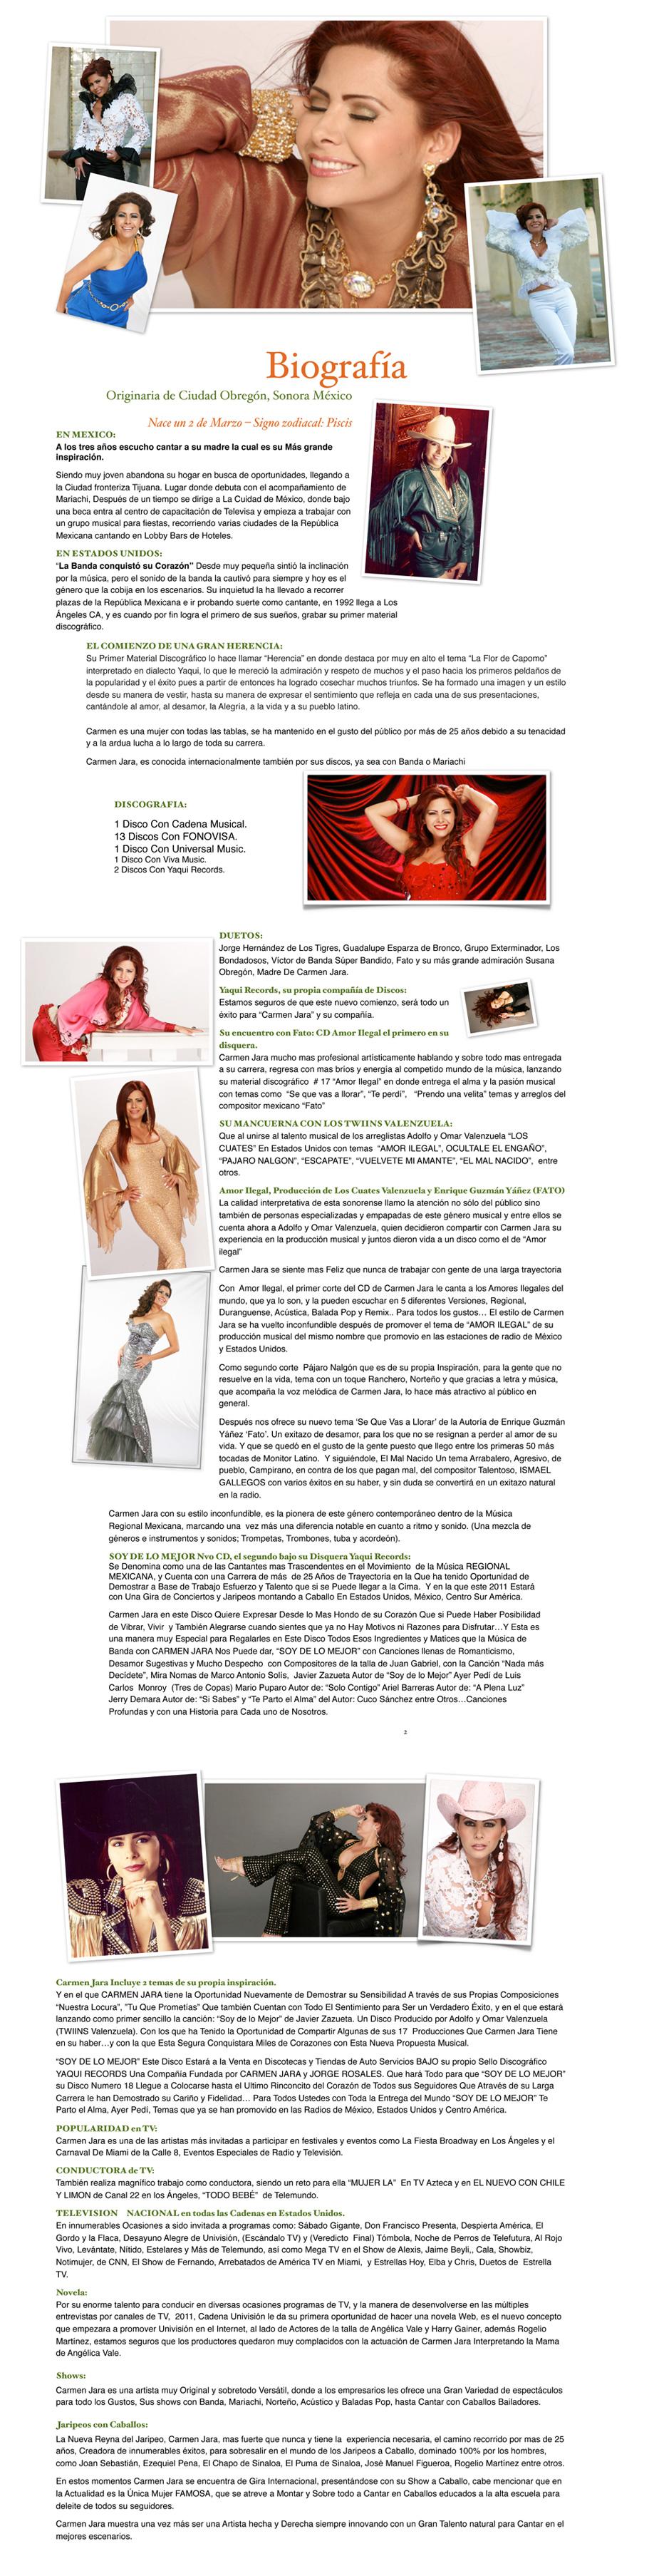 Biografia-CarmenJara